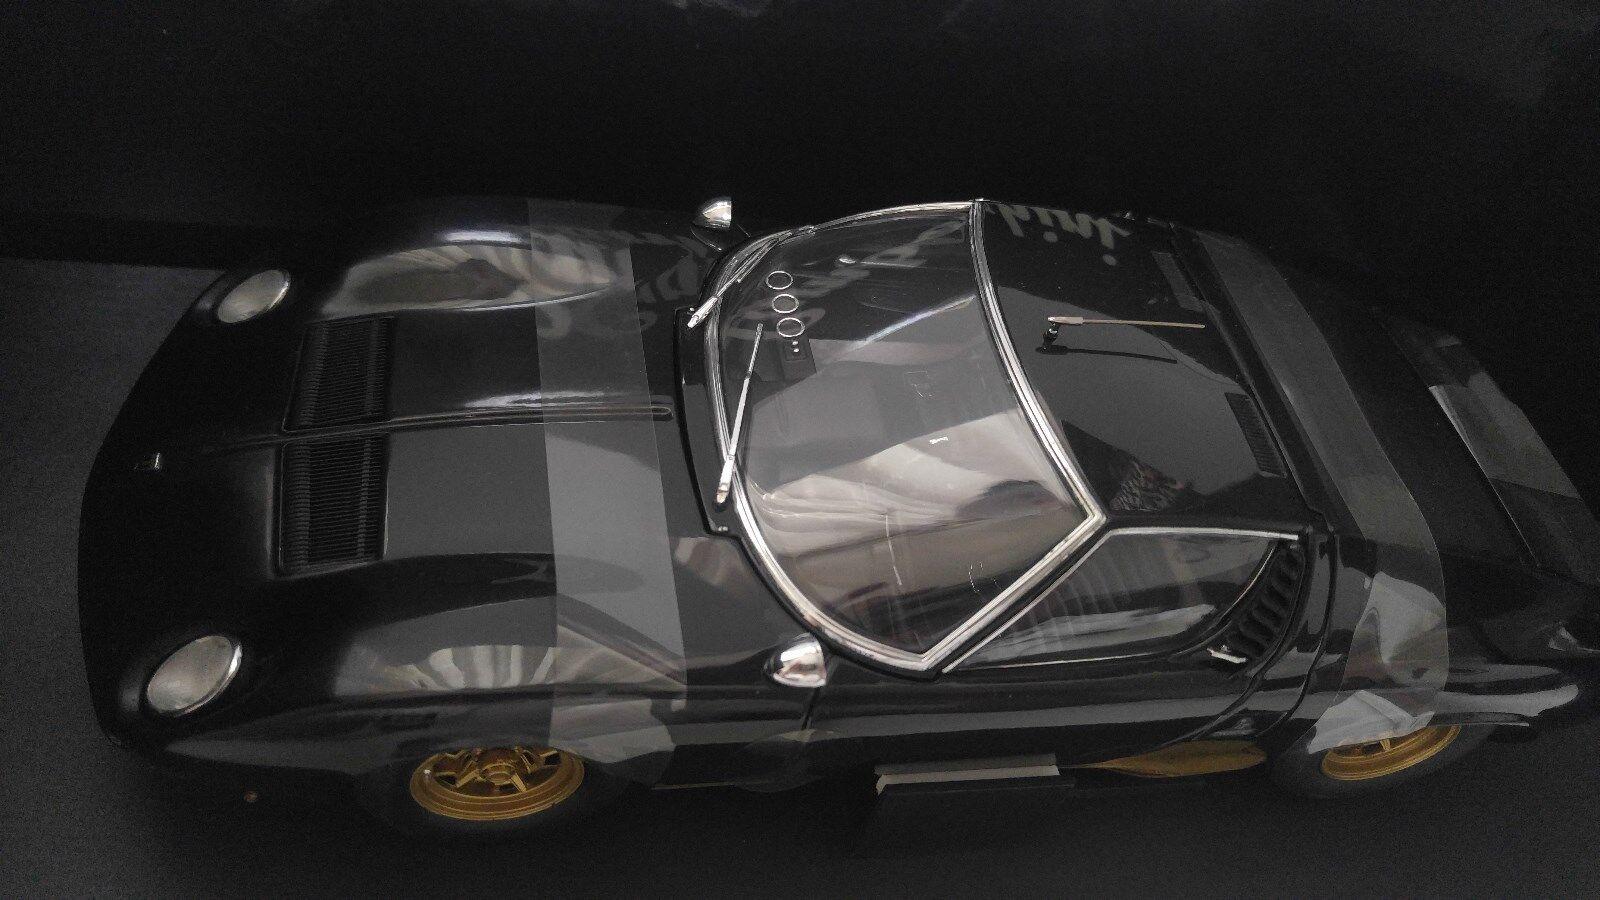 1 18 Kyosho, Lamborghini MIURA P400 Black